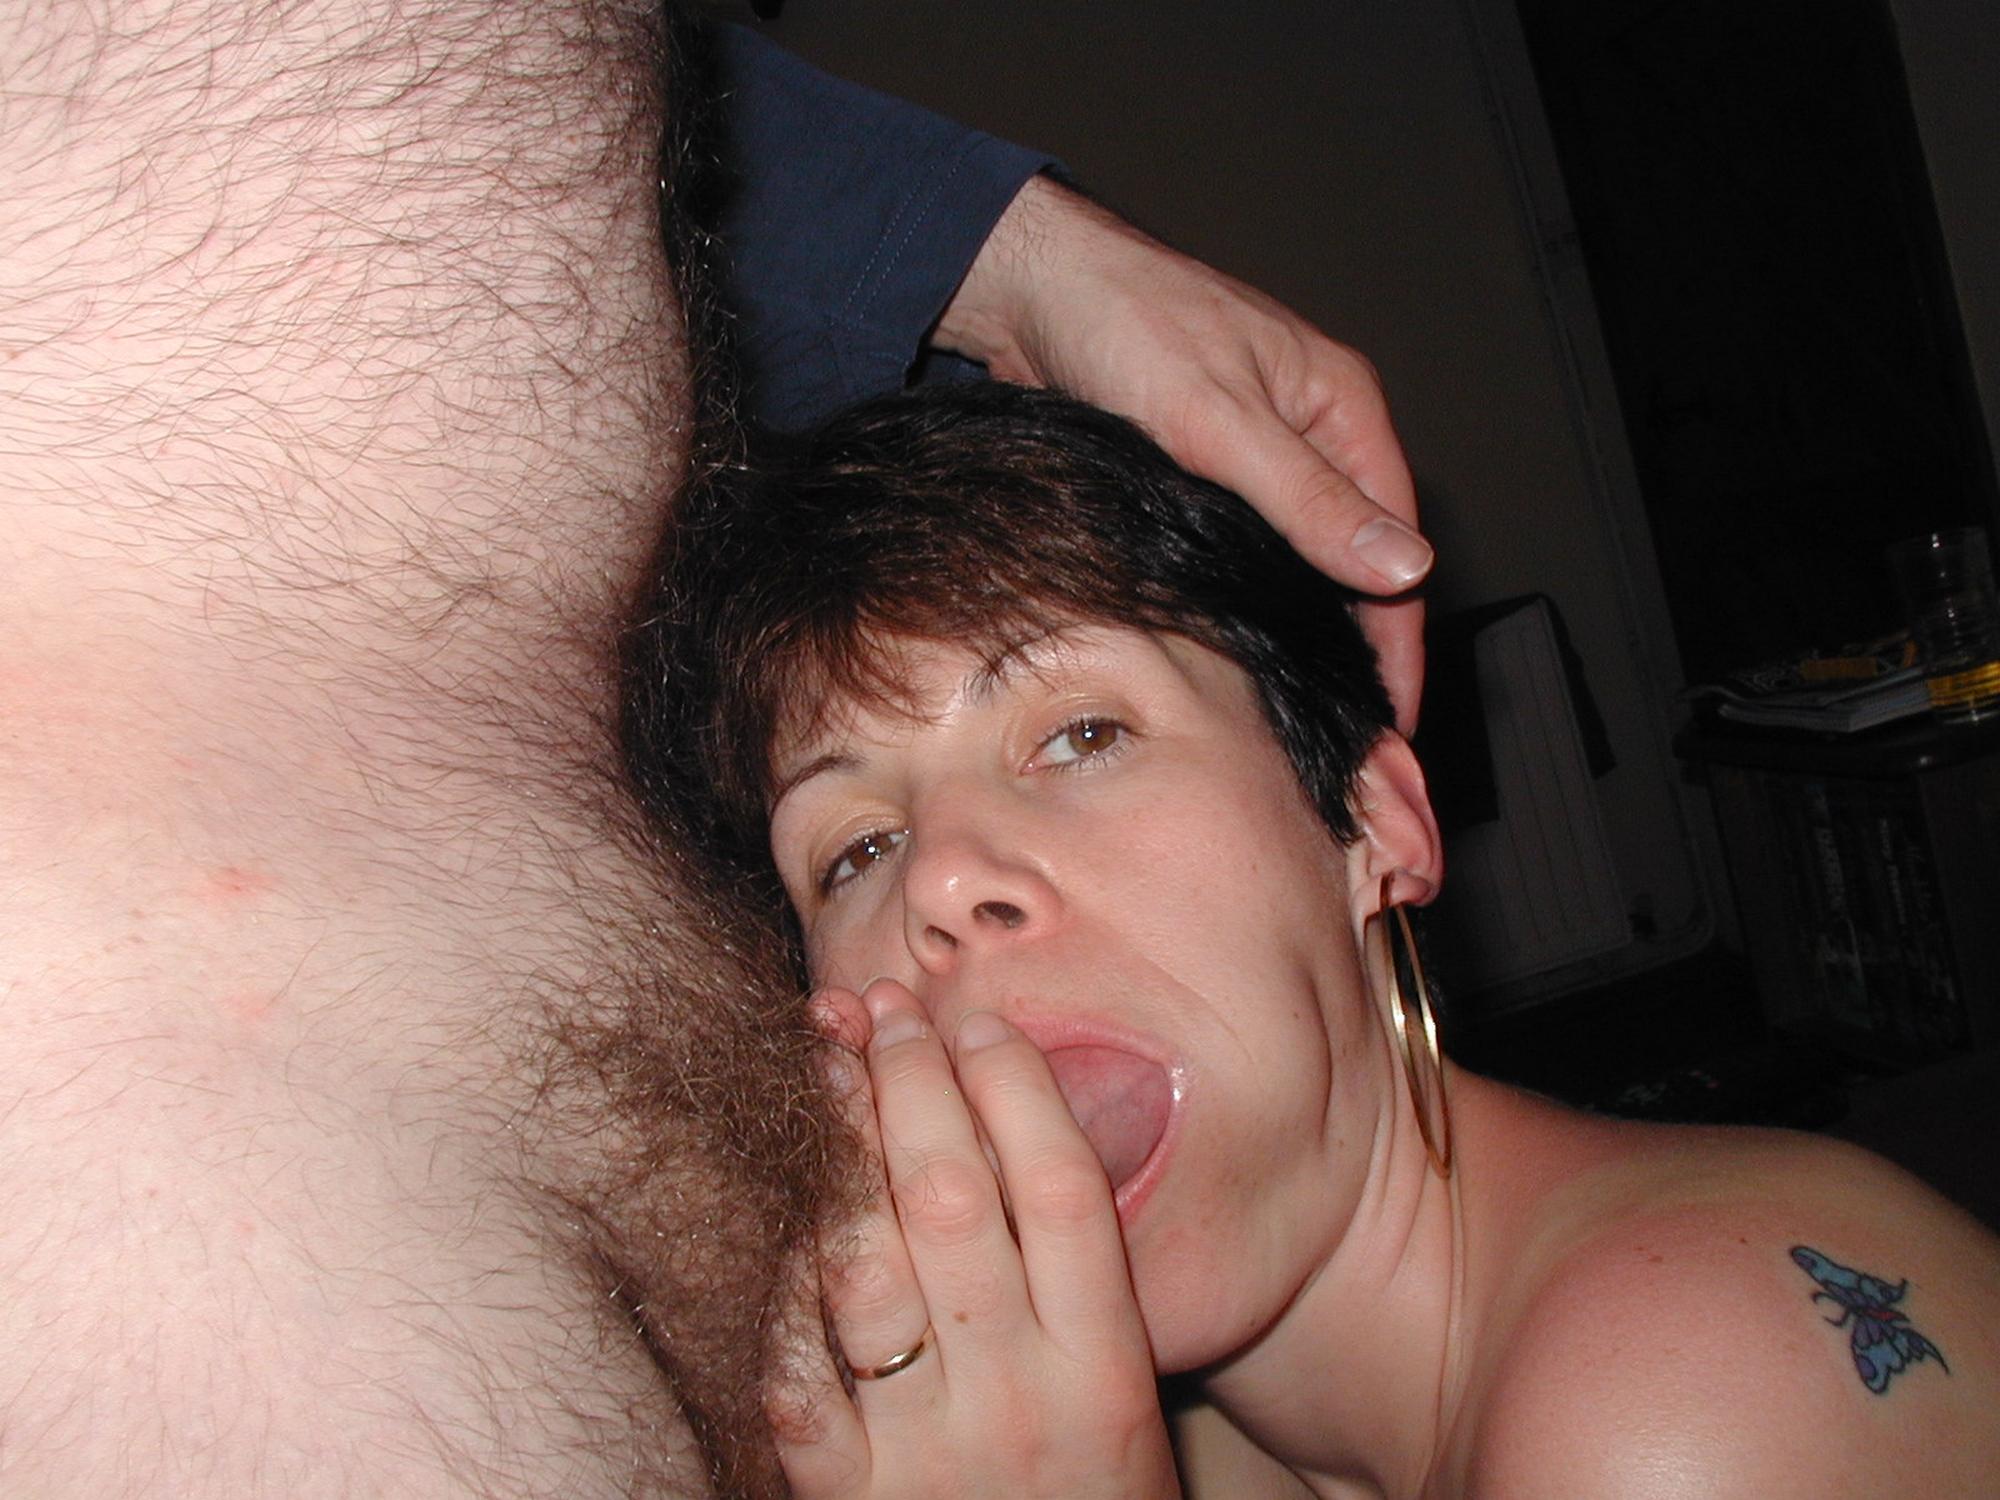 Мамочка с короткой стрижкой демонстрирует грудь и пизду перед объективом мужа